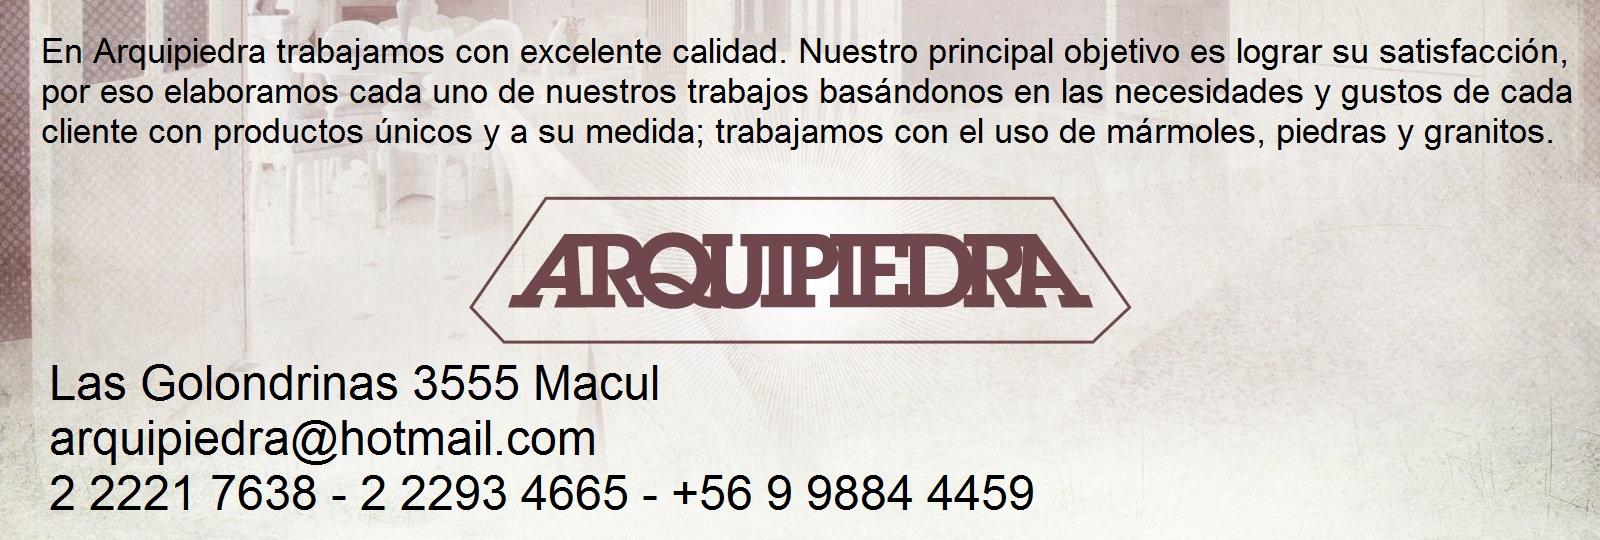 ARQUIPIEDRA MARMOL GRANITO ARTESANIA EN PIEDRA Macul